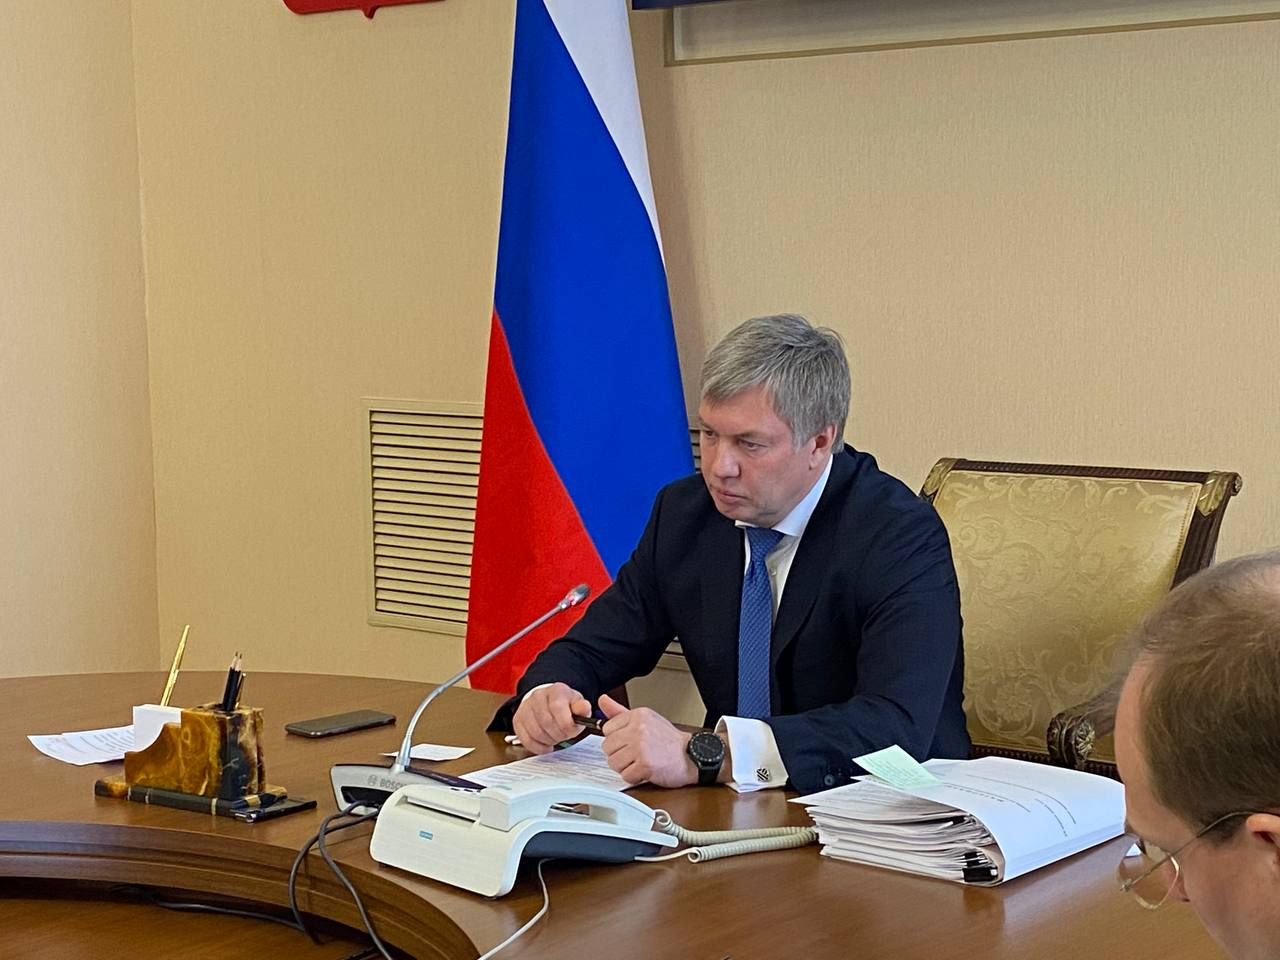 Русских осторожно расставляет в правительстве своих людей